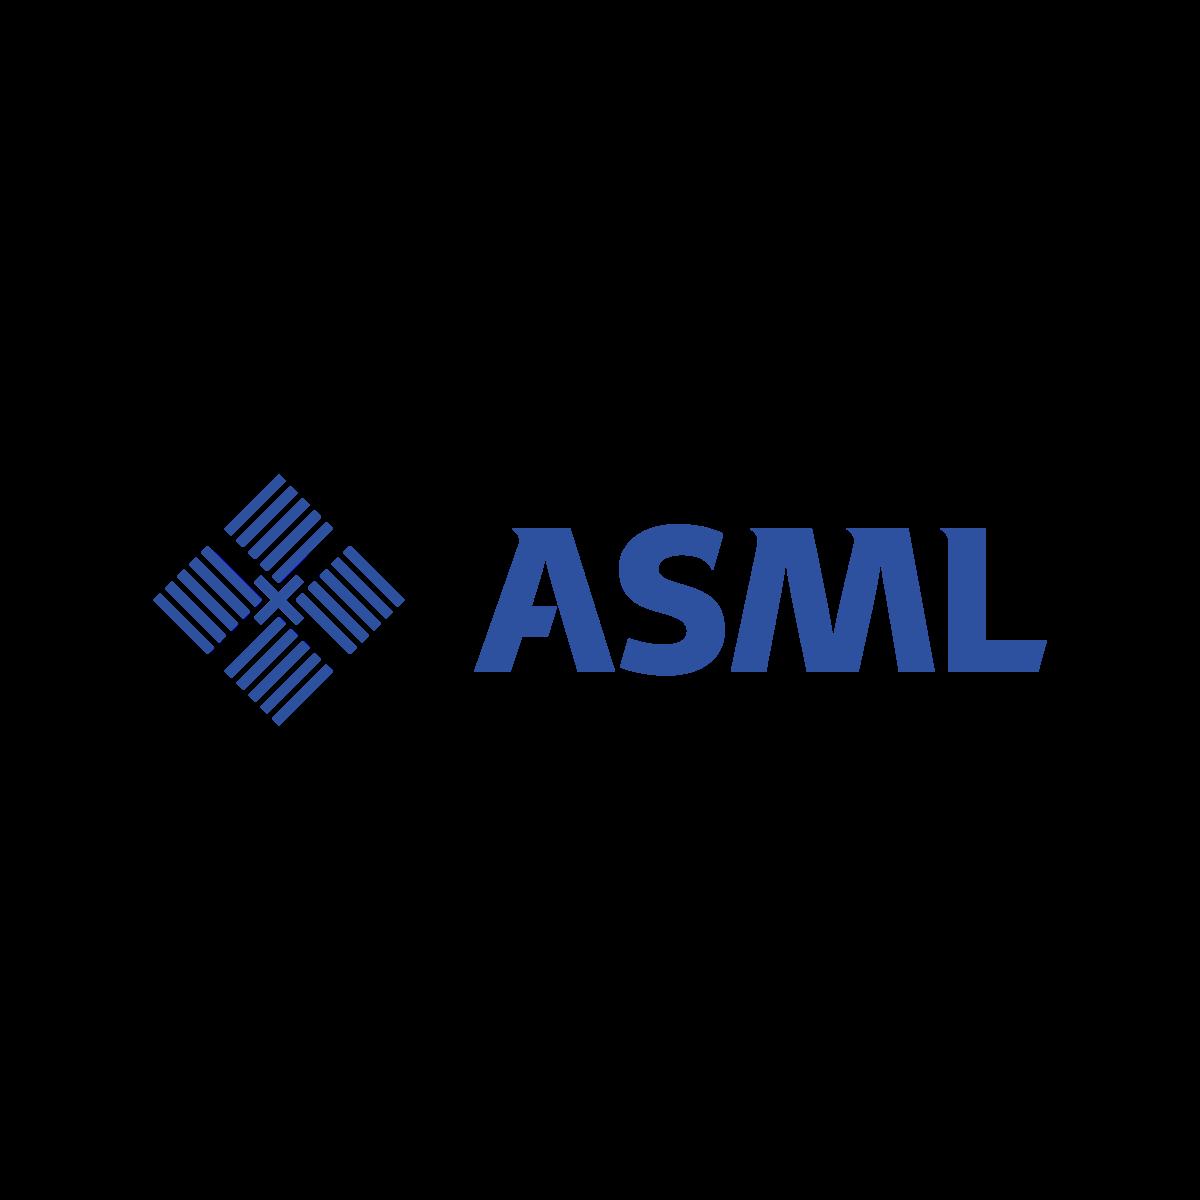 asml logo png